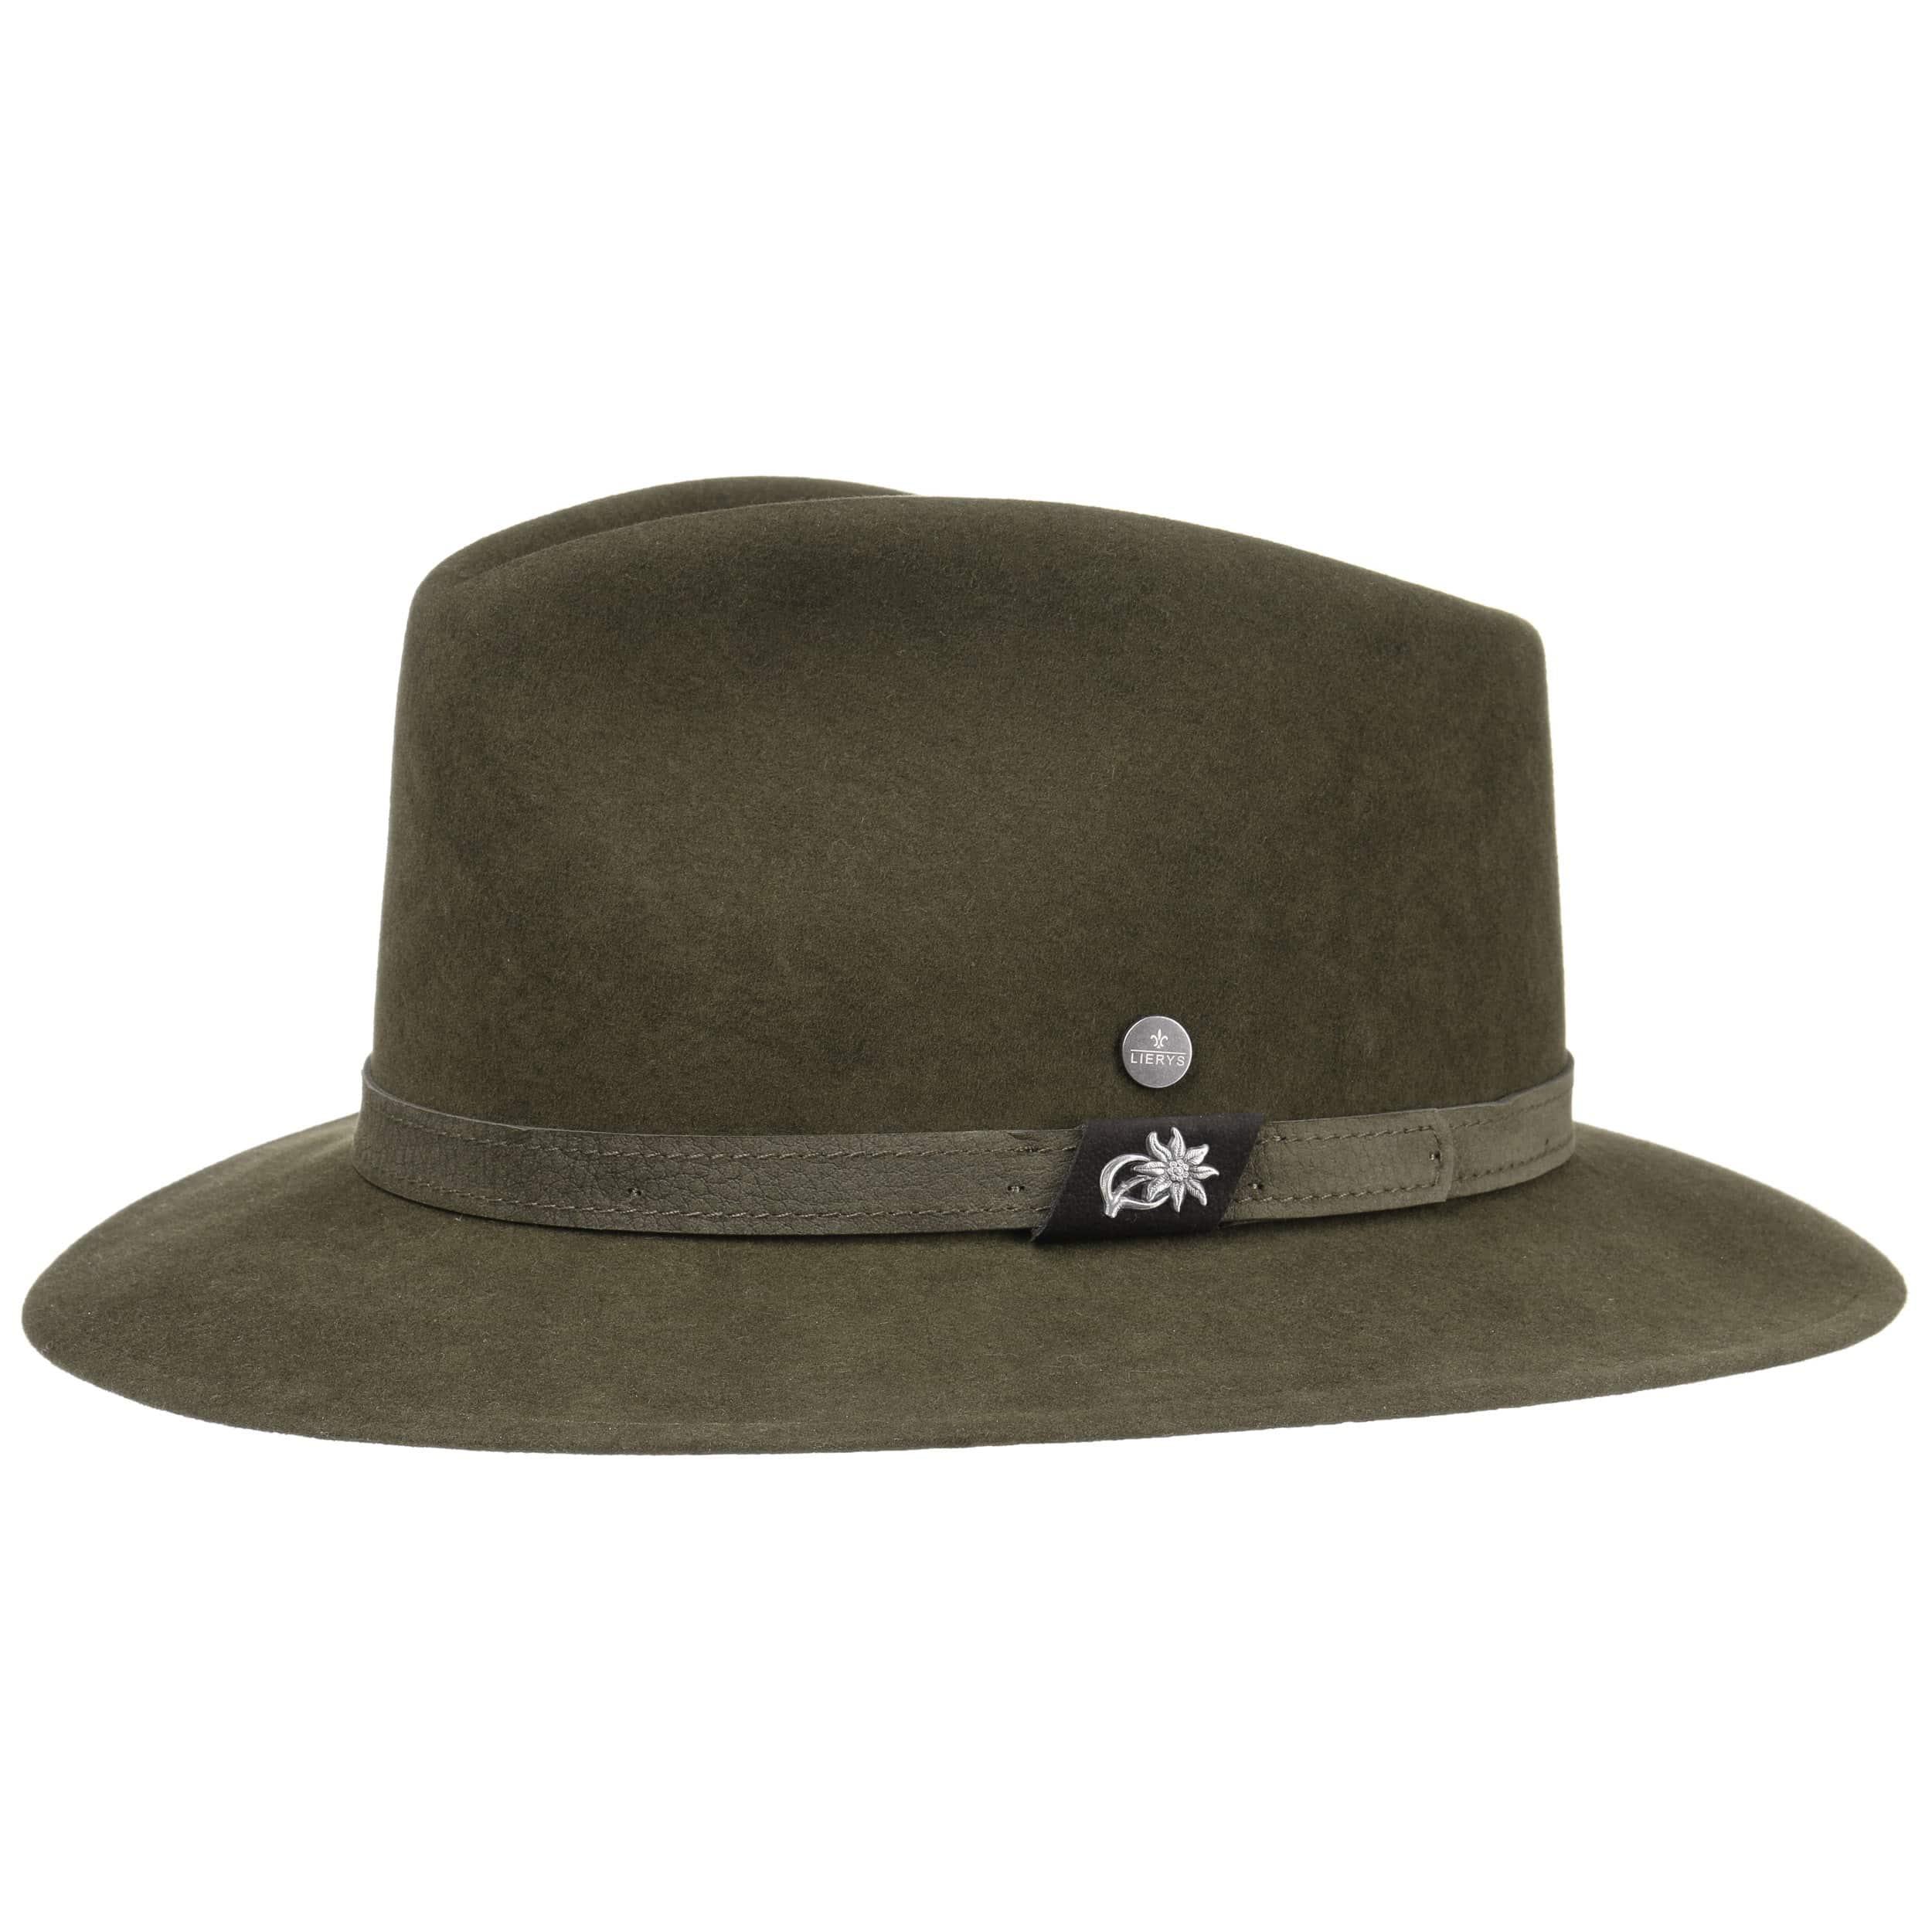 7adea184 Sombrero de Fieltro Edelweiß Bogart by Lierys